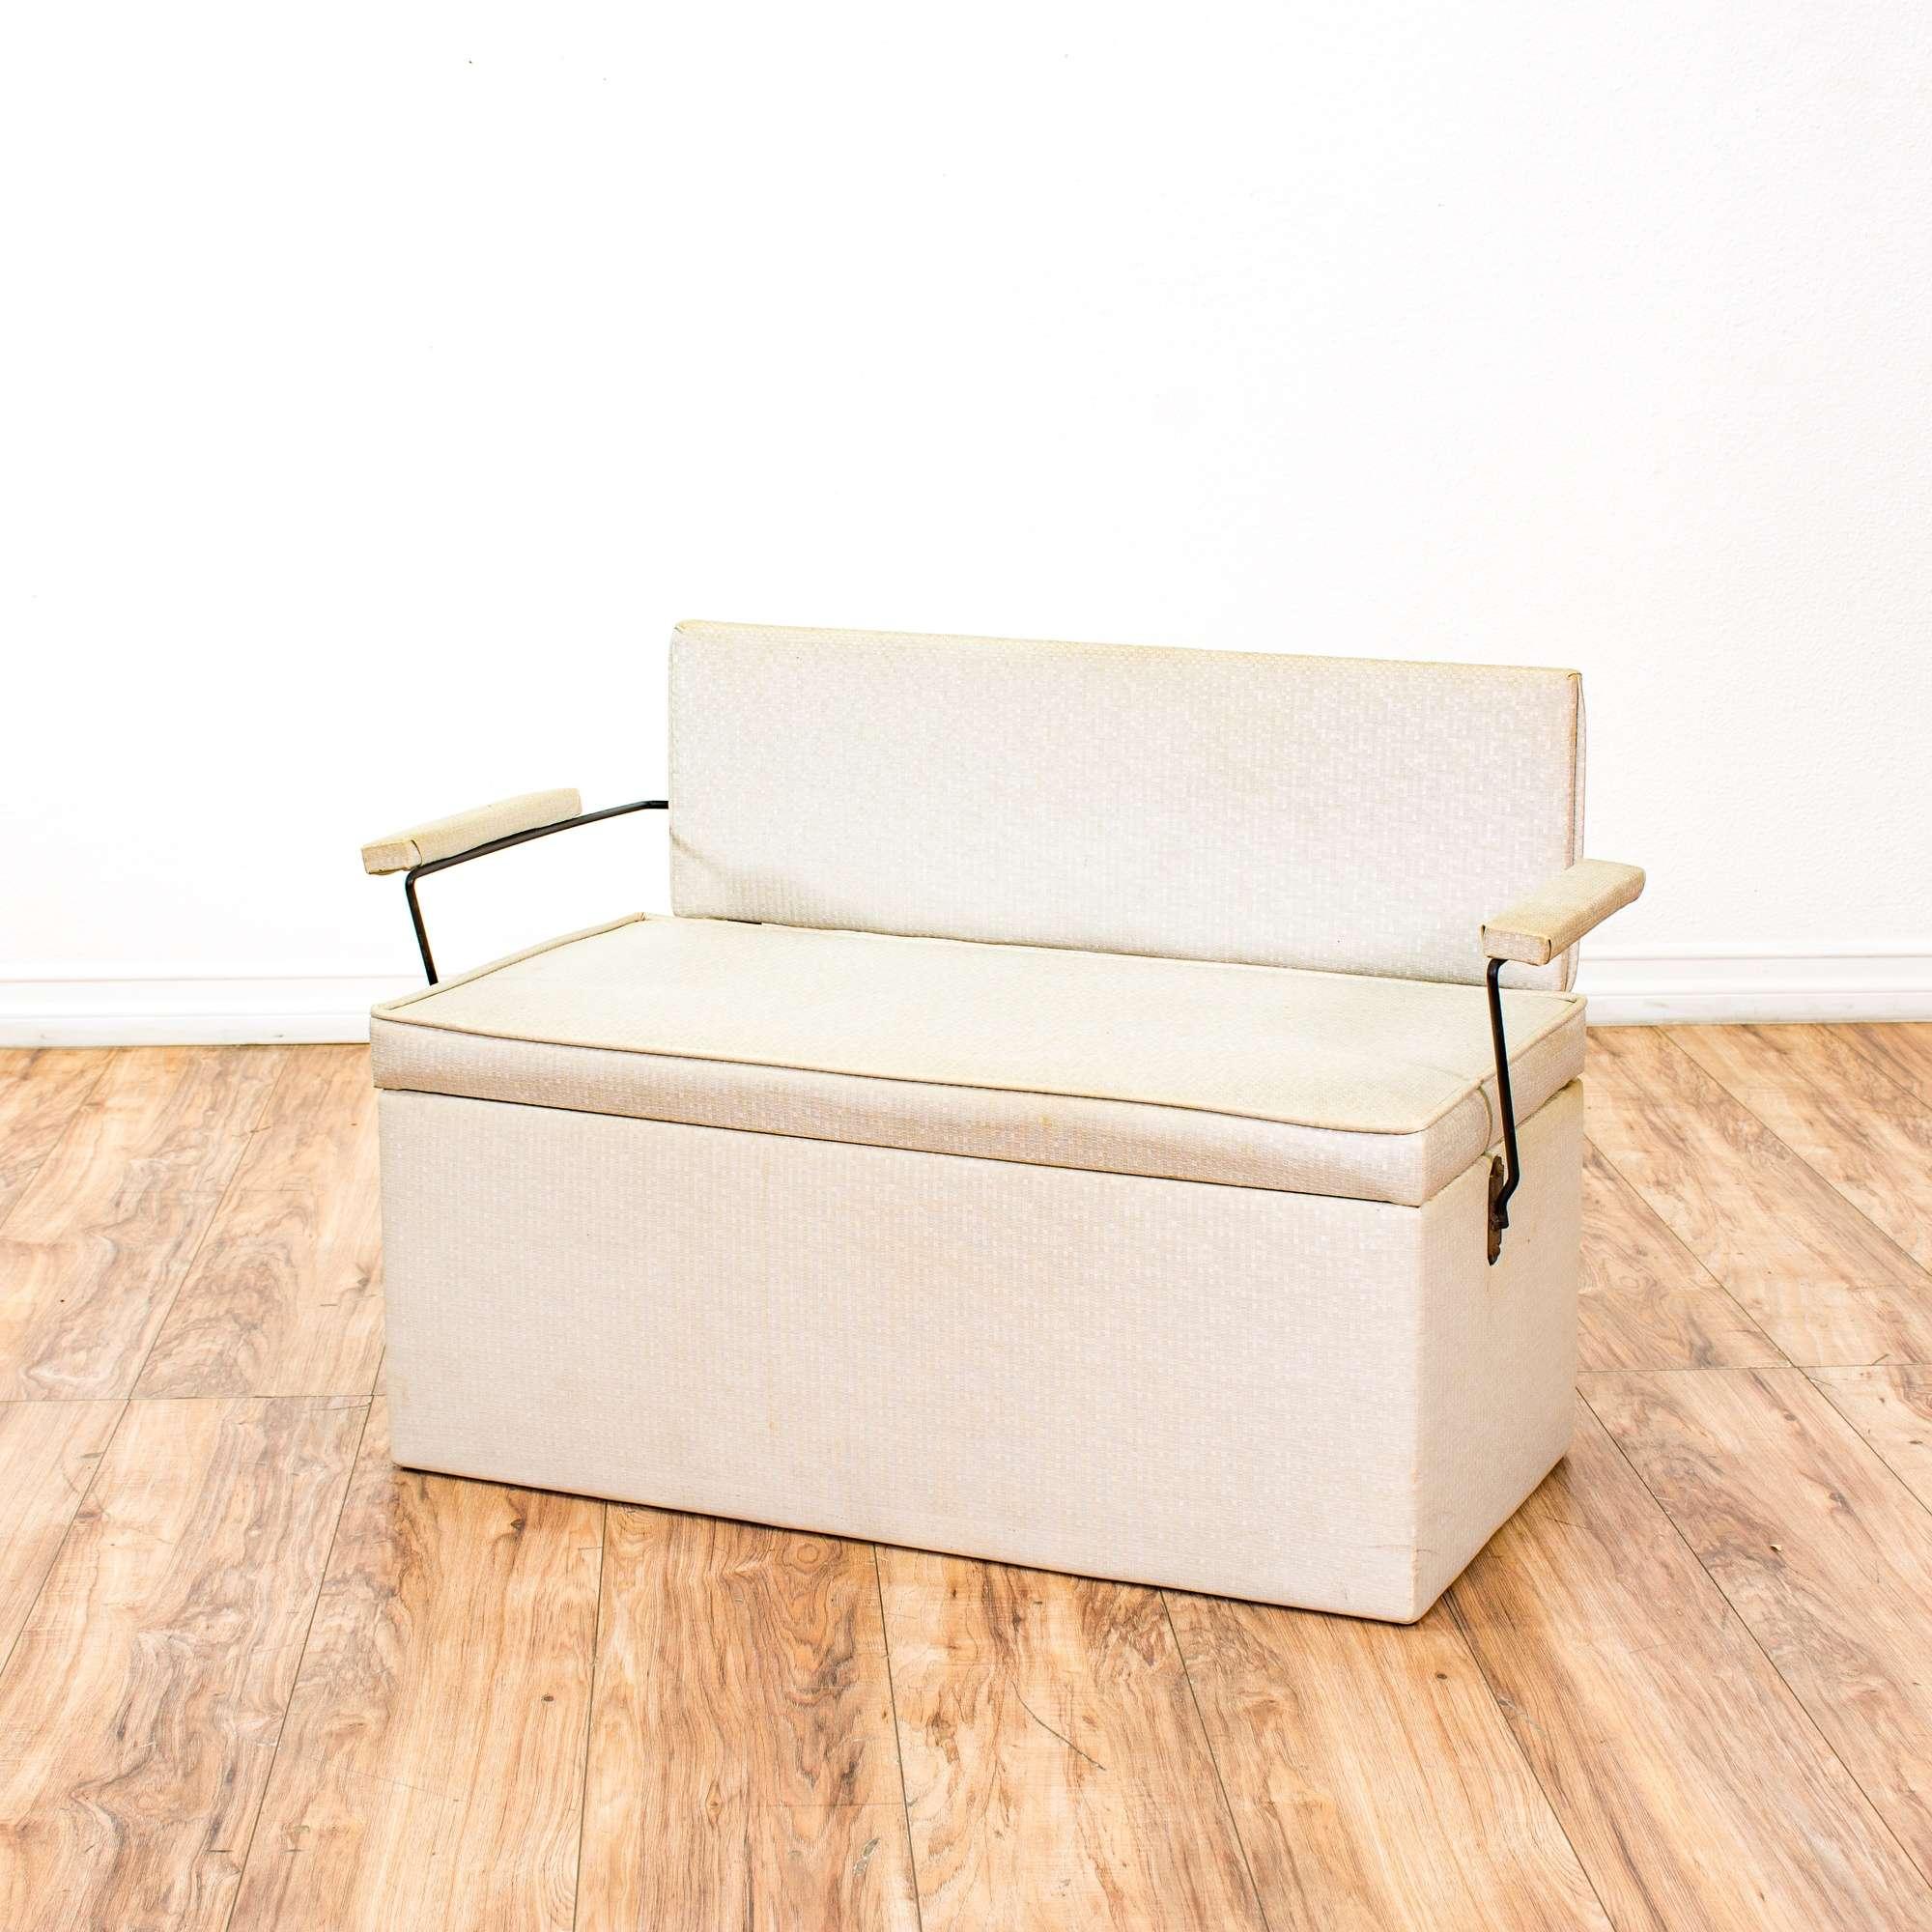 Mid Century Modern Childs Bench Toy Box Storage Chest -